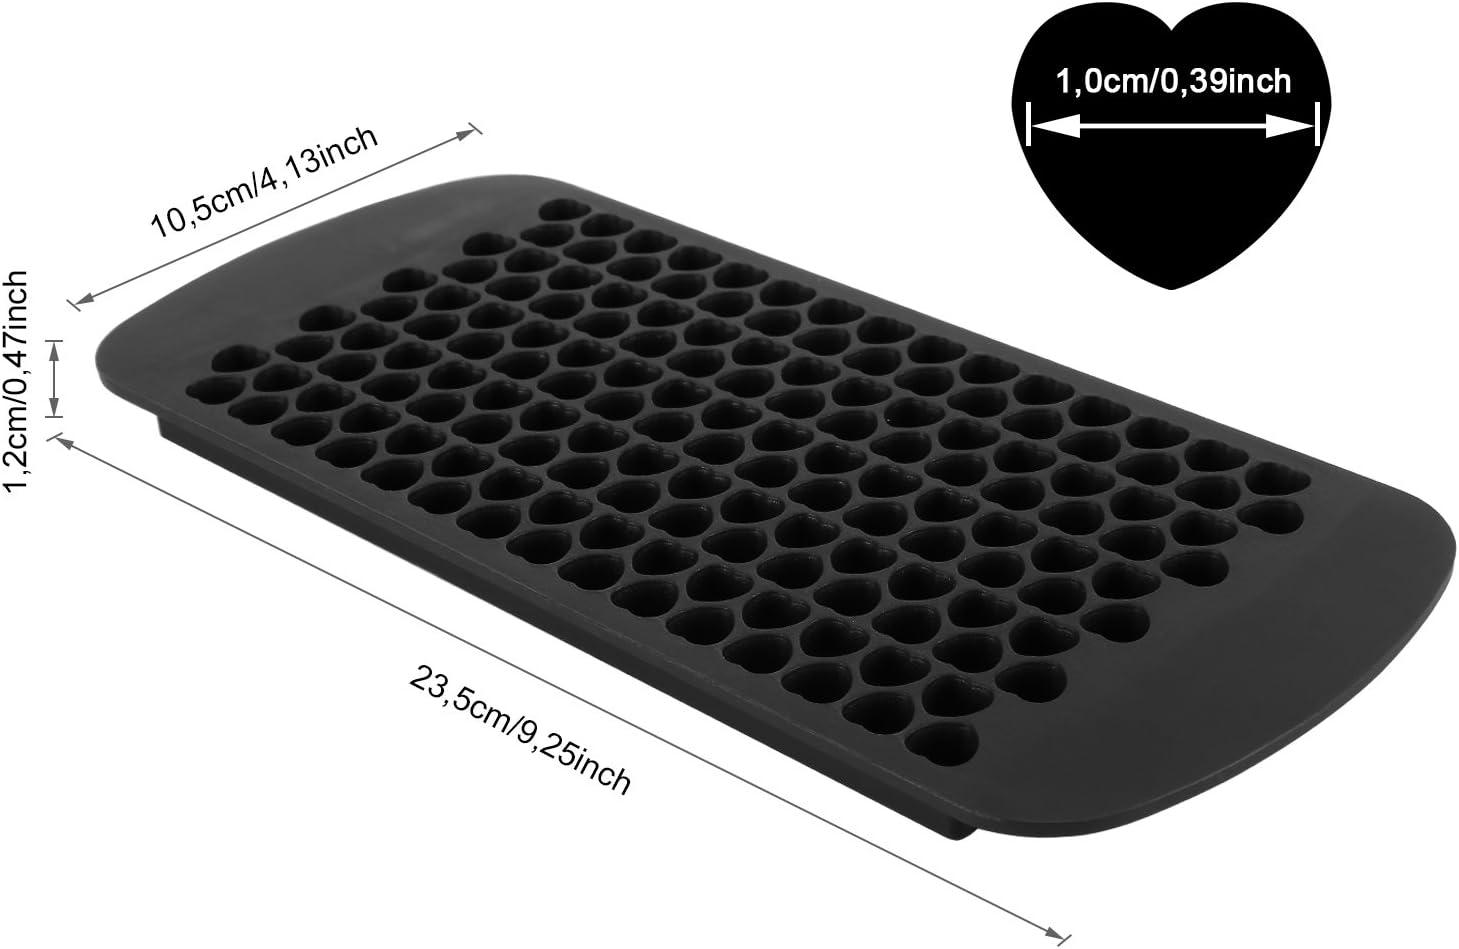 2x 150 Mini gla/çons Belmalia 2x Moule en silicone pour c/œurs de glace cube 24 x 11 x 1 cm noir